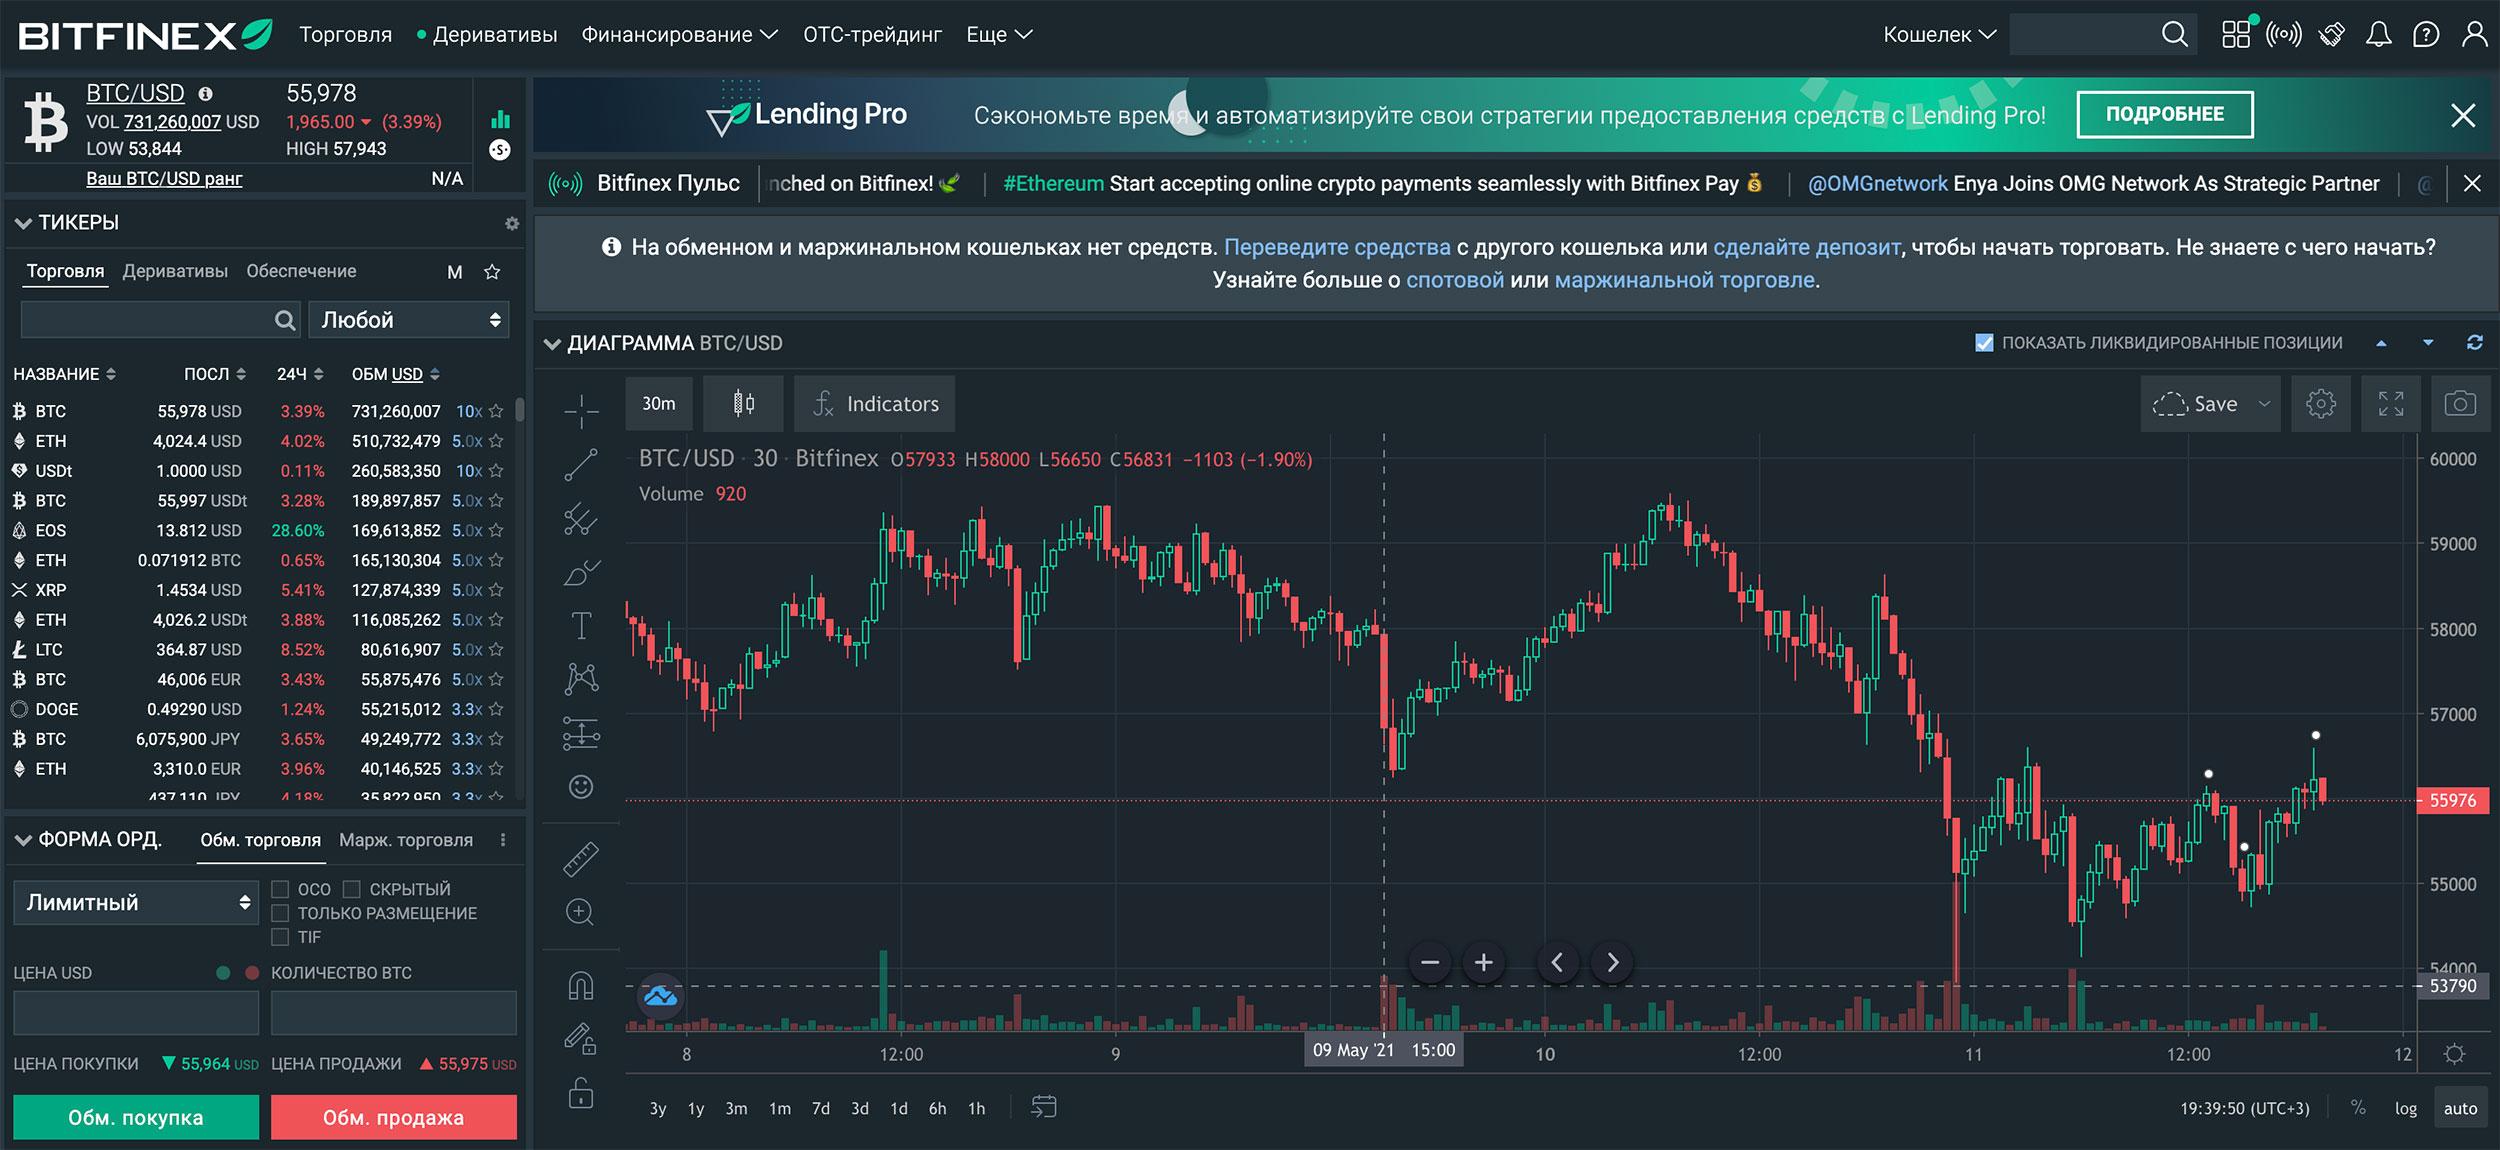 биржа криптовалют bitfinex платформа интерфейс